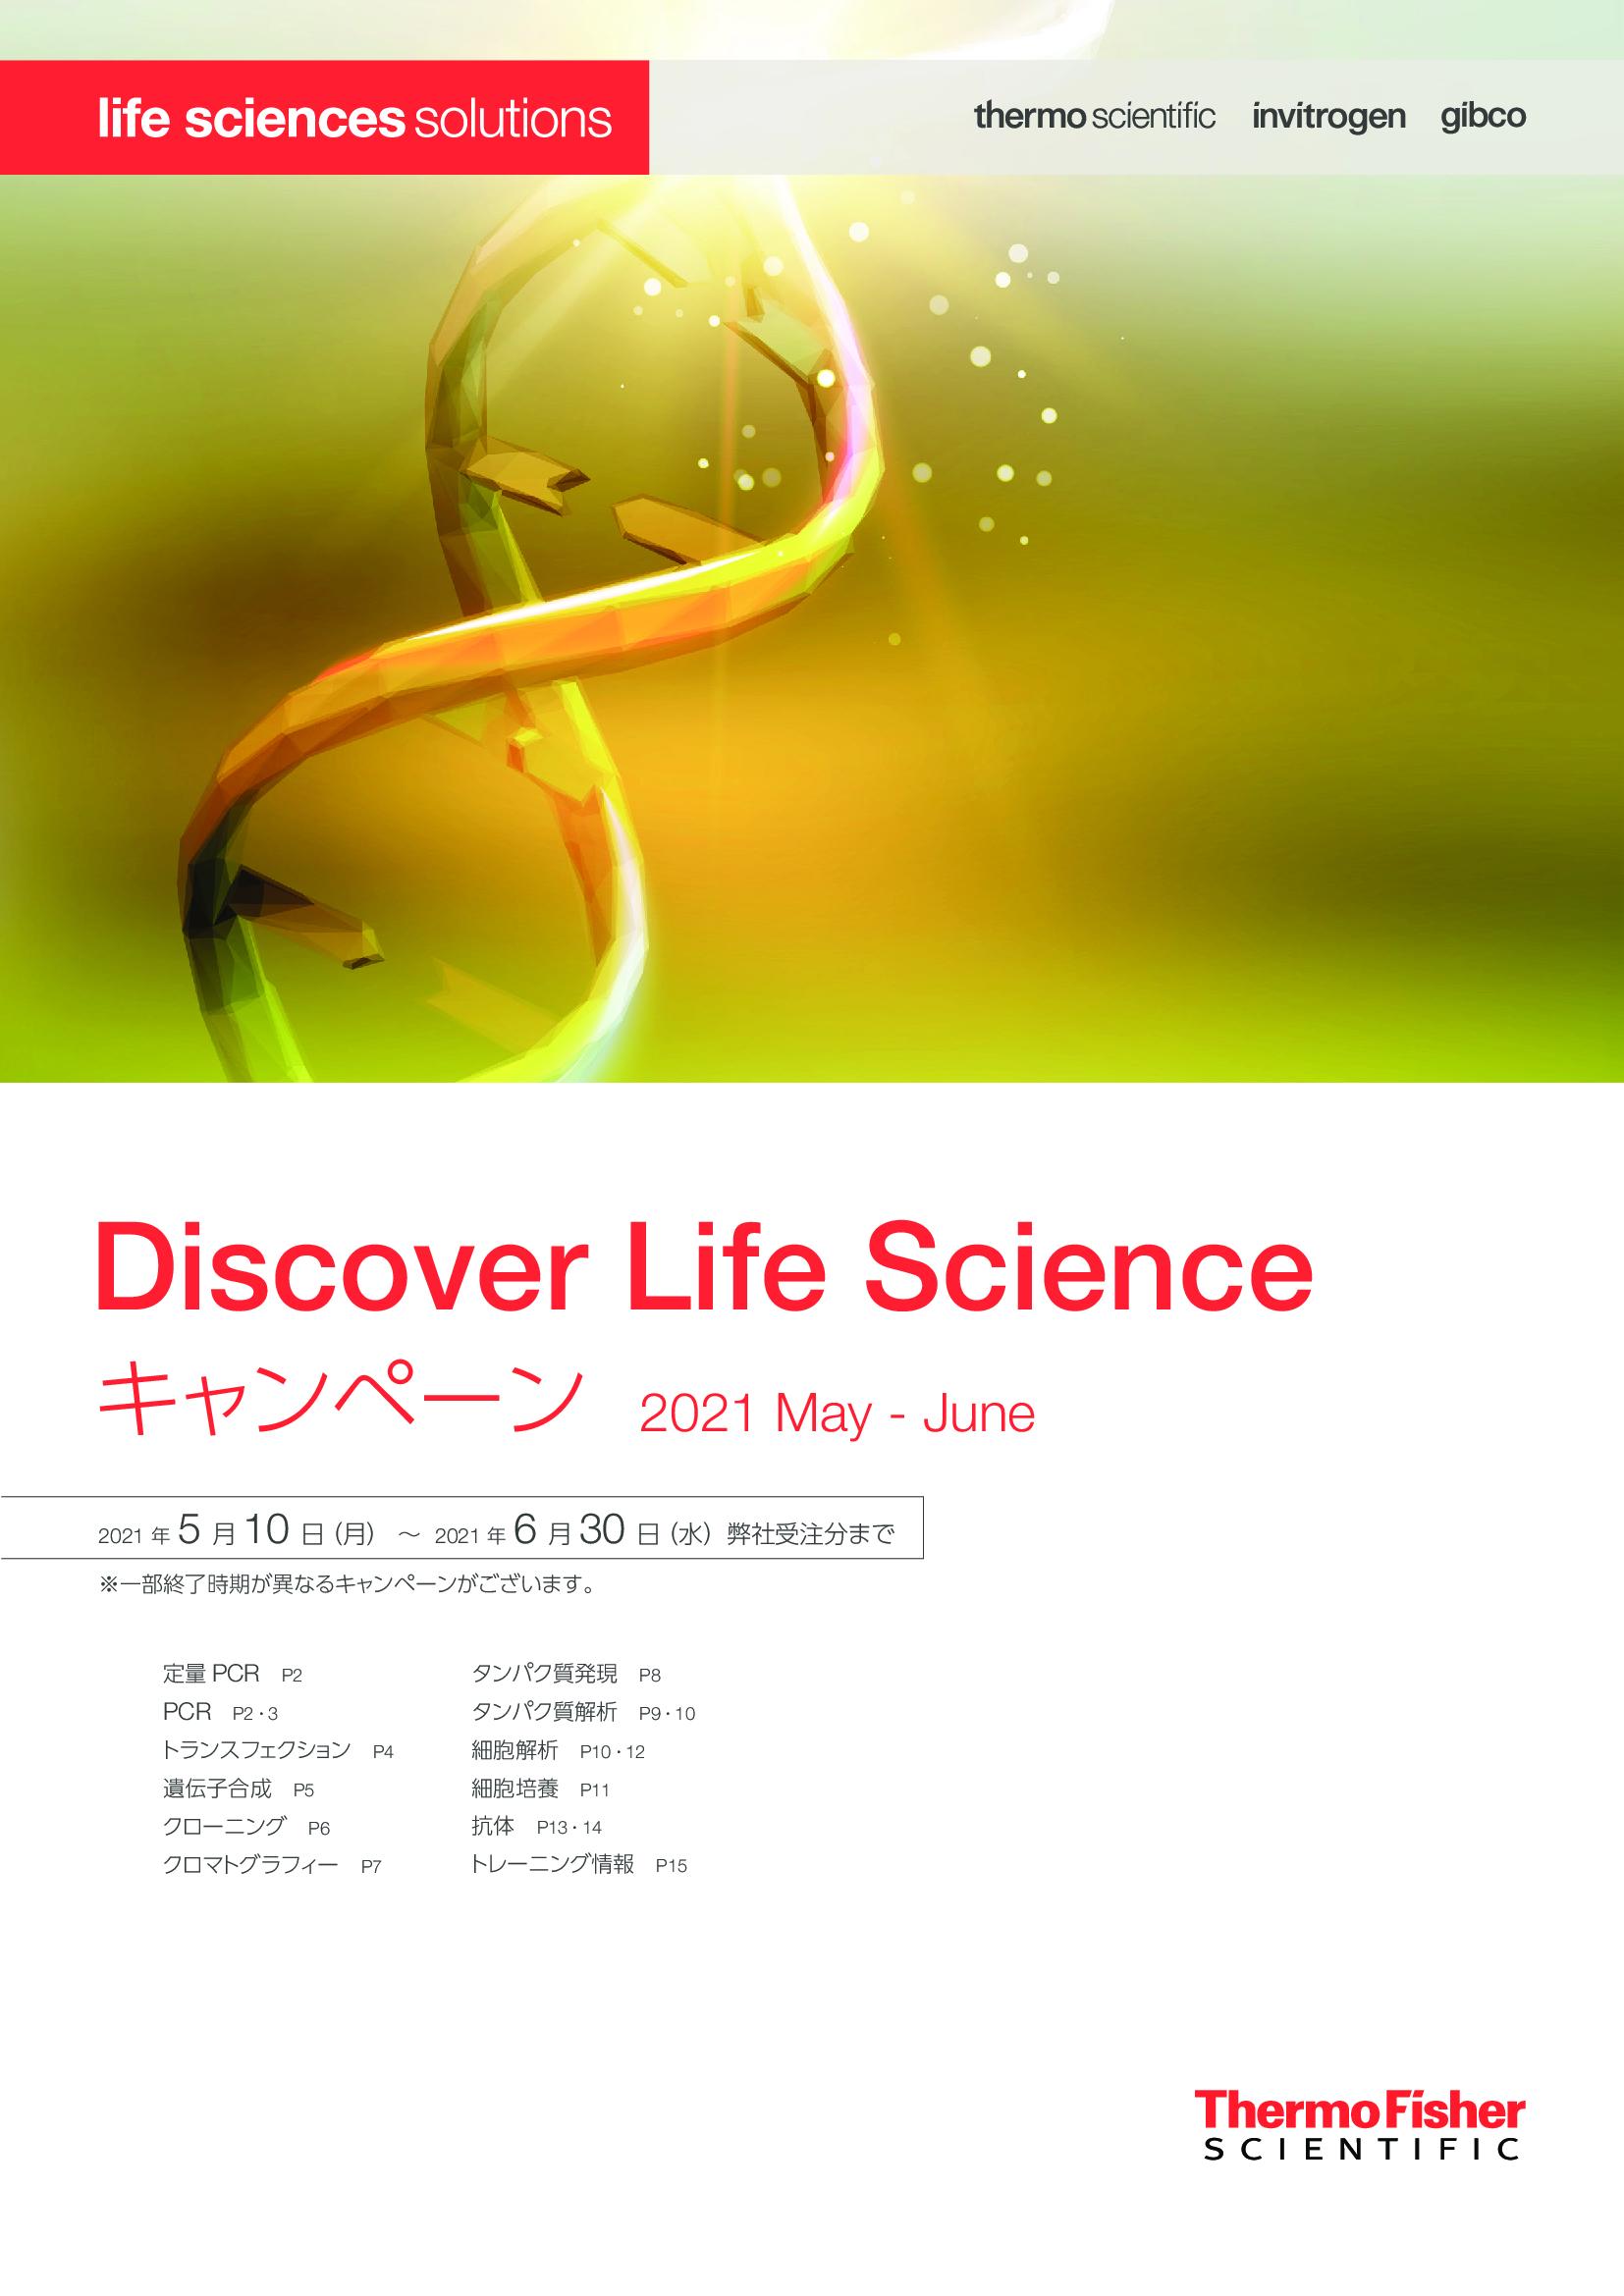 サーモフィッシャー Discover Life Science キャンペーン 2021 May - June